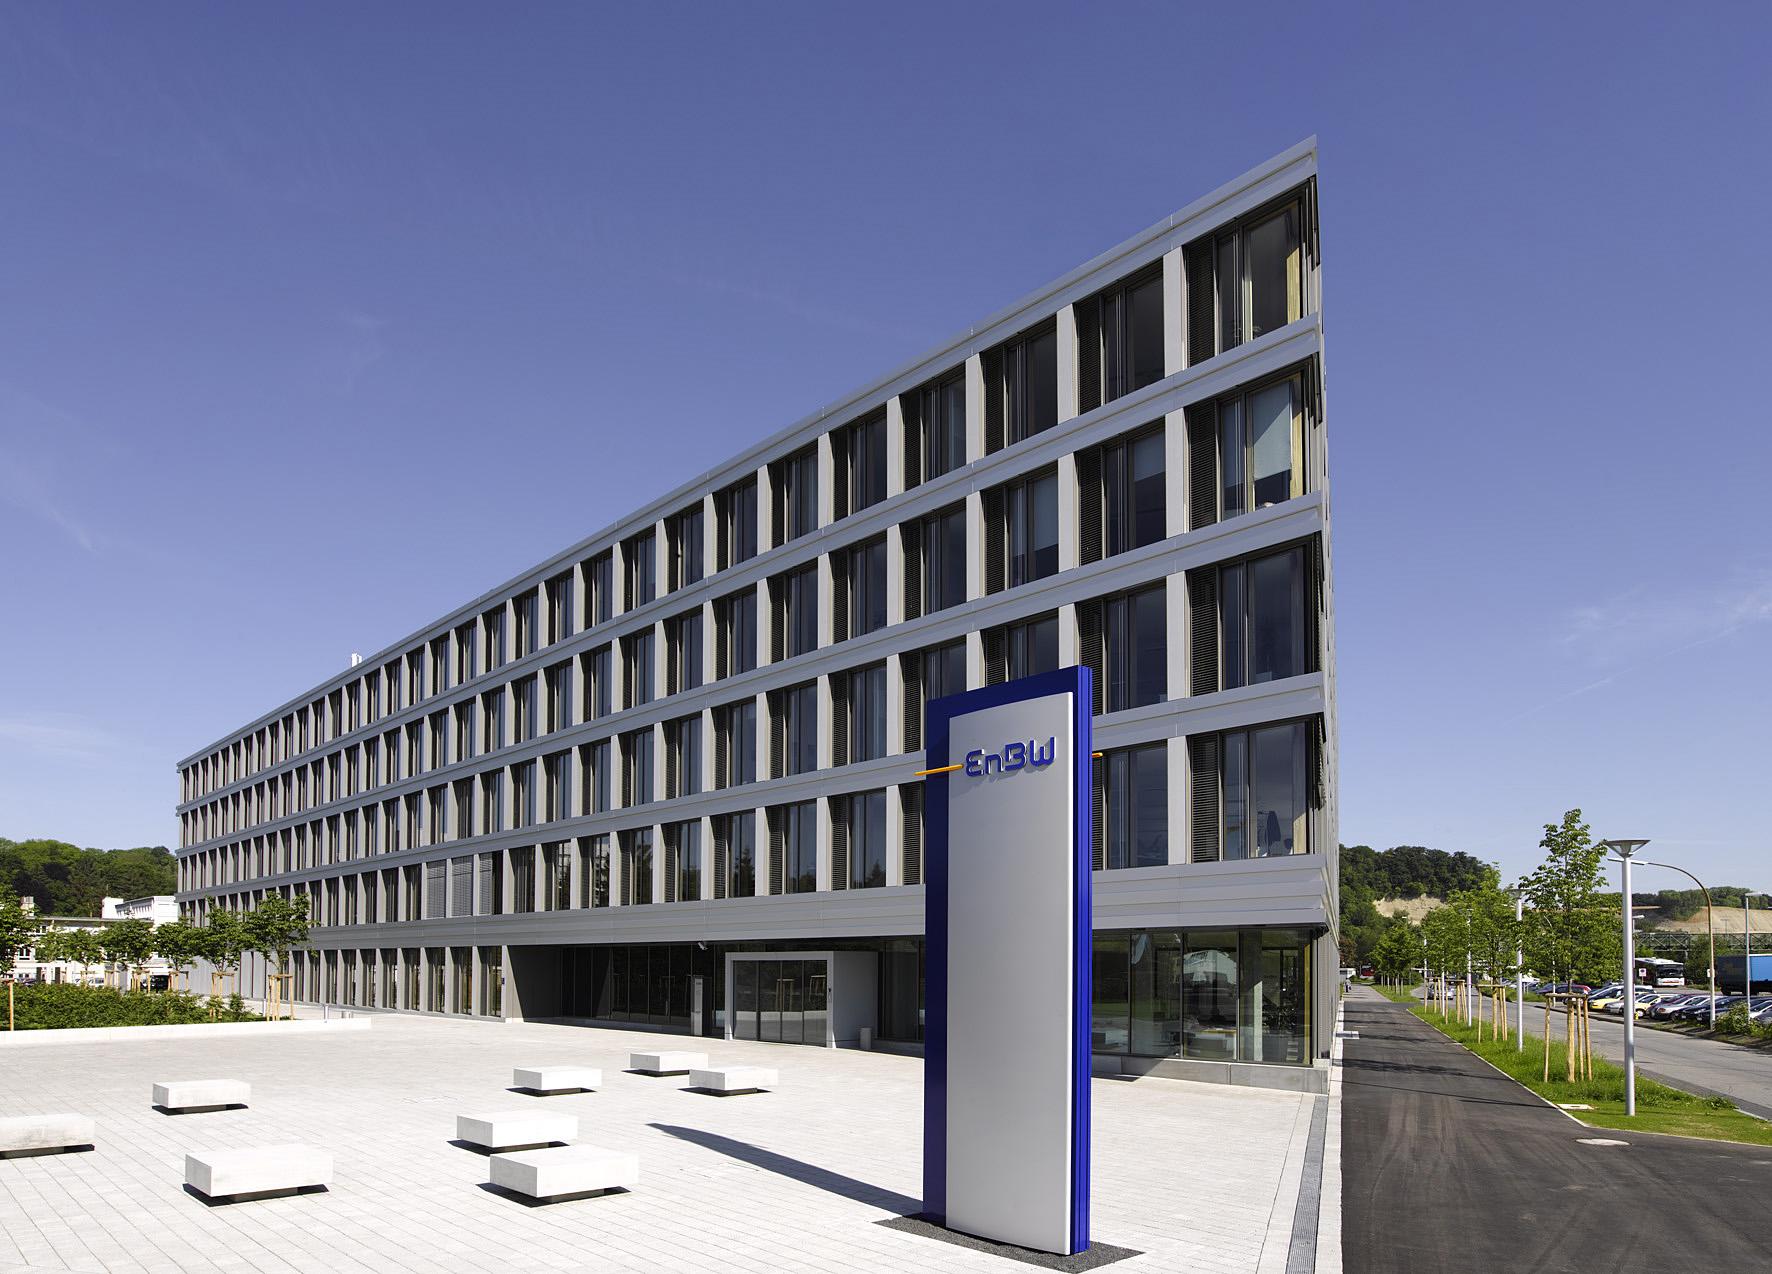 EnBW Regionalzentrum 1